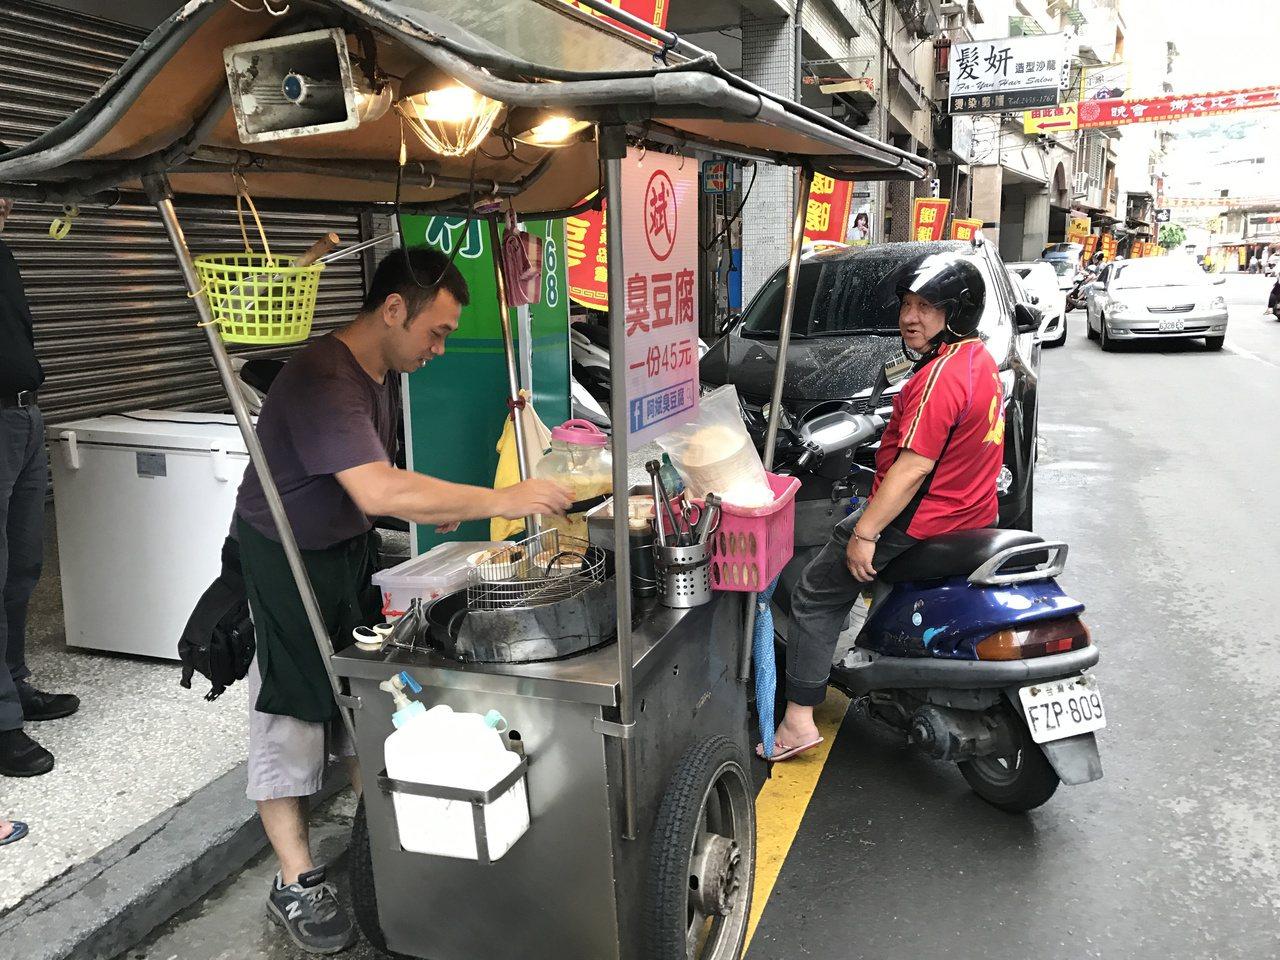 暖暖老街的新街景,傍晚才出來叫賣的臭豆腐,許多老饕聞「臭」而來。 記者吳淑君/攝...